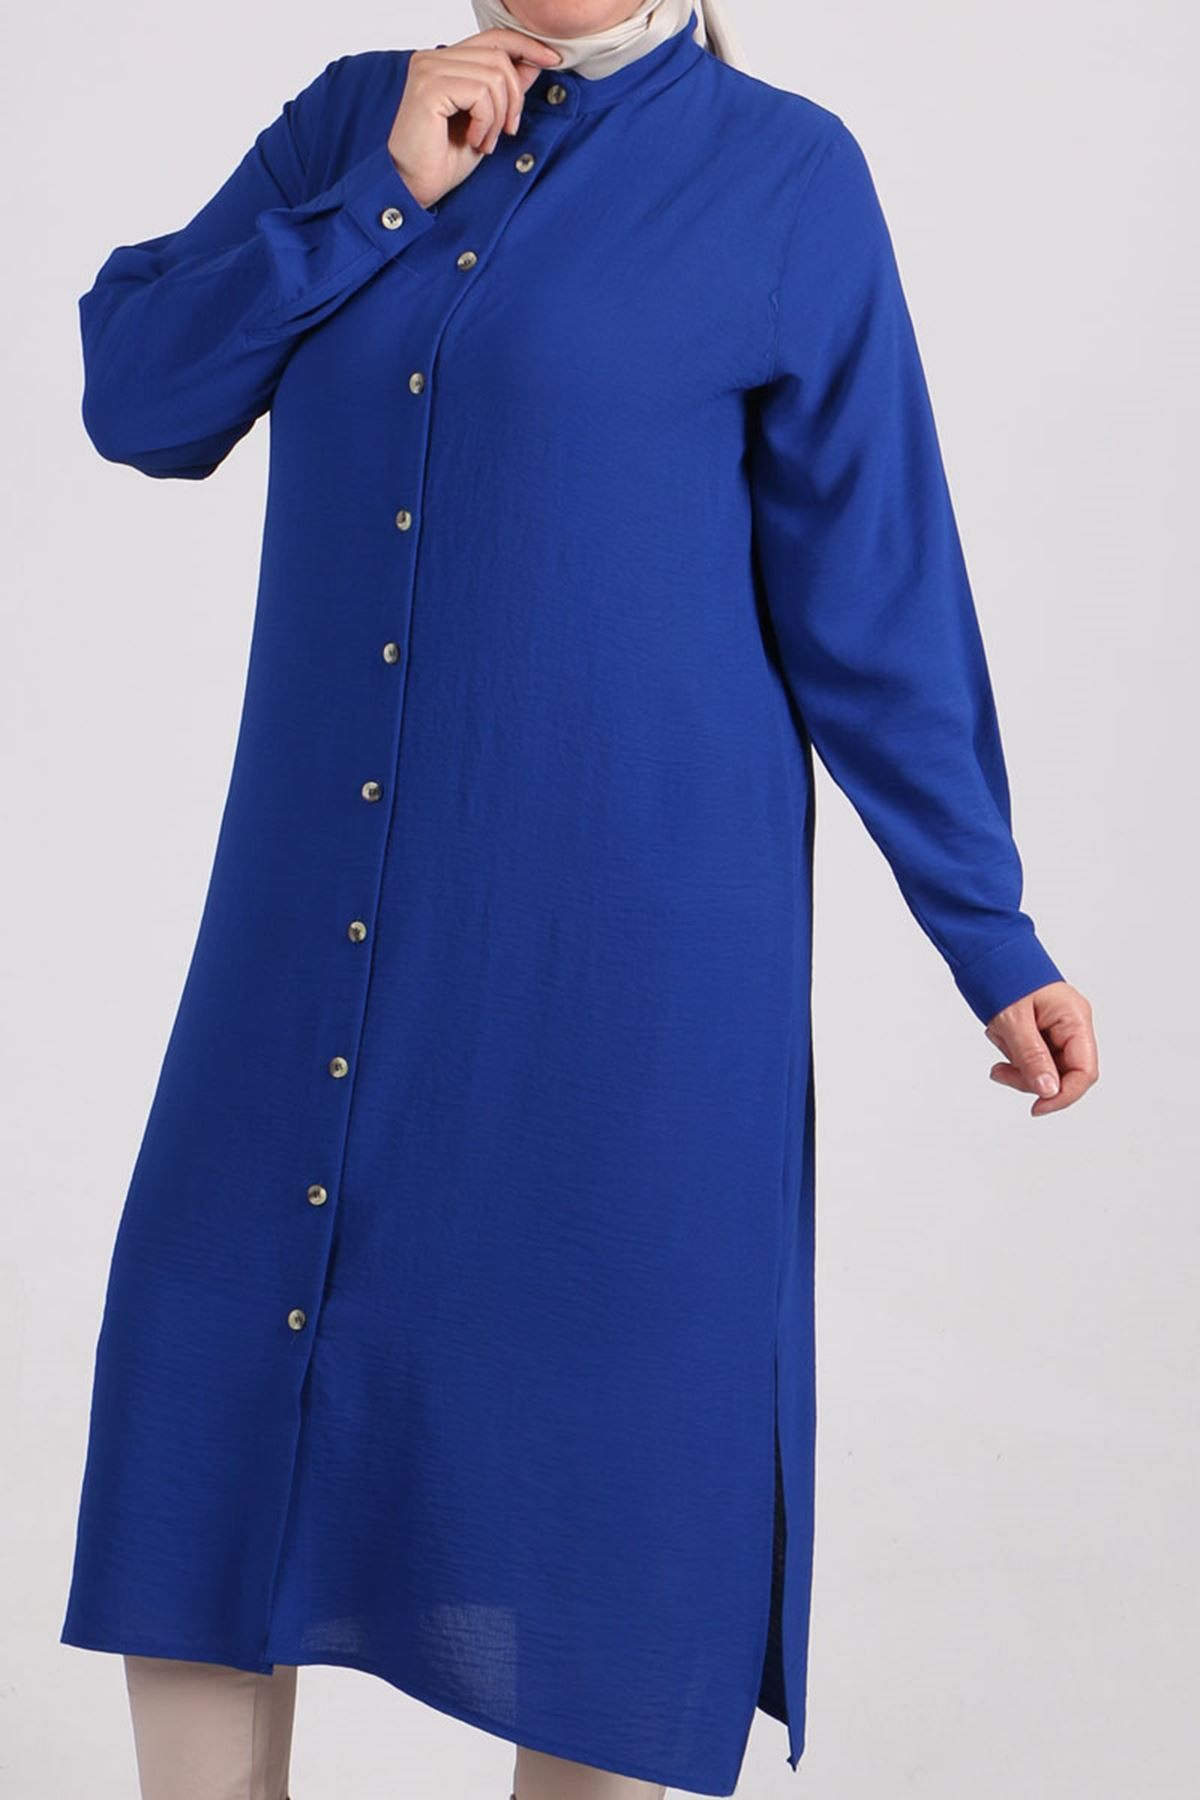 8401 Oversize Buttoned Shirt - Saxe